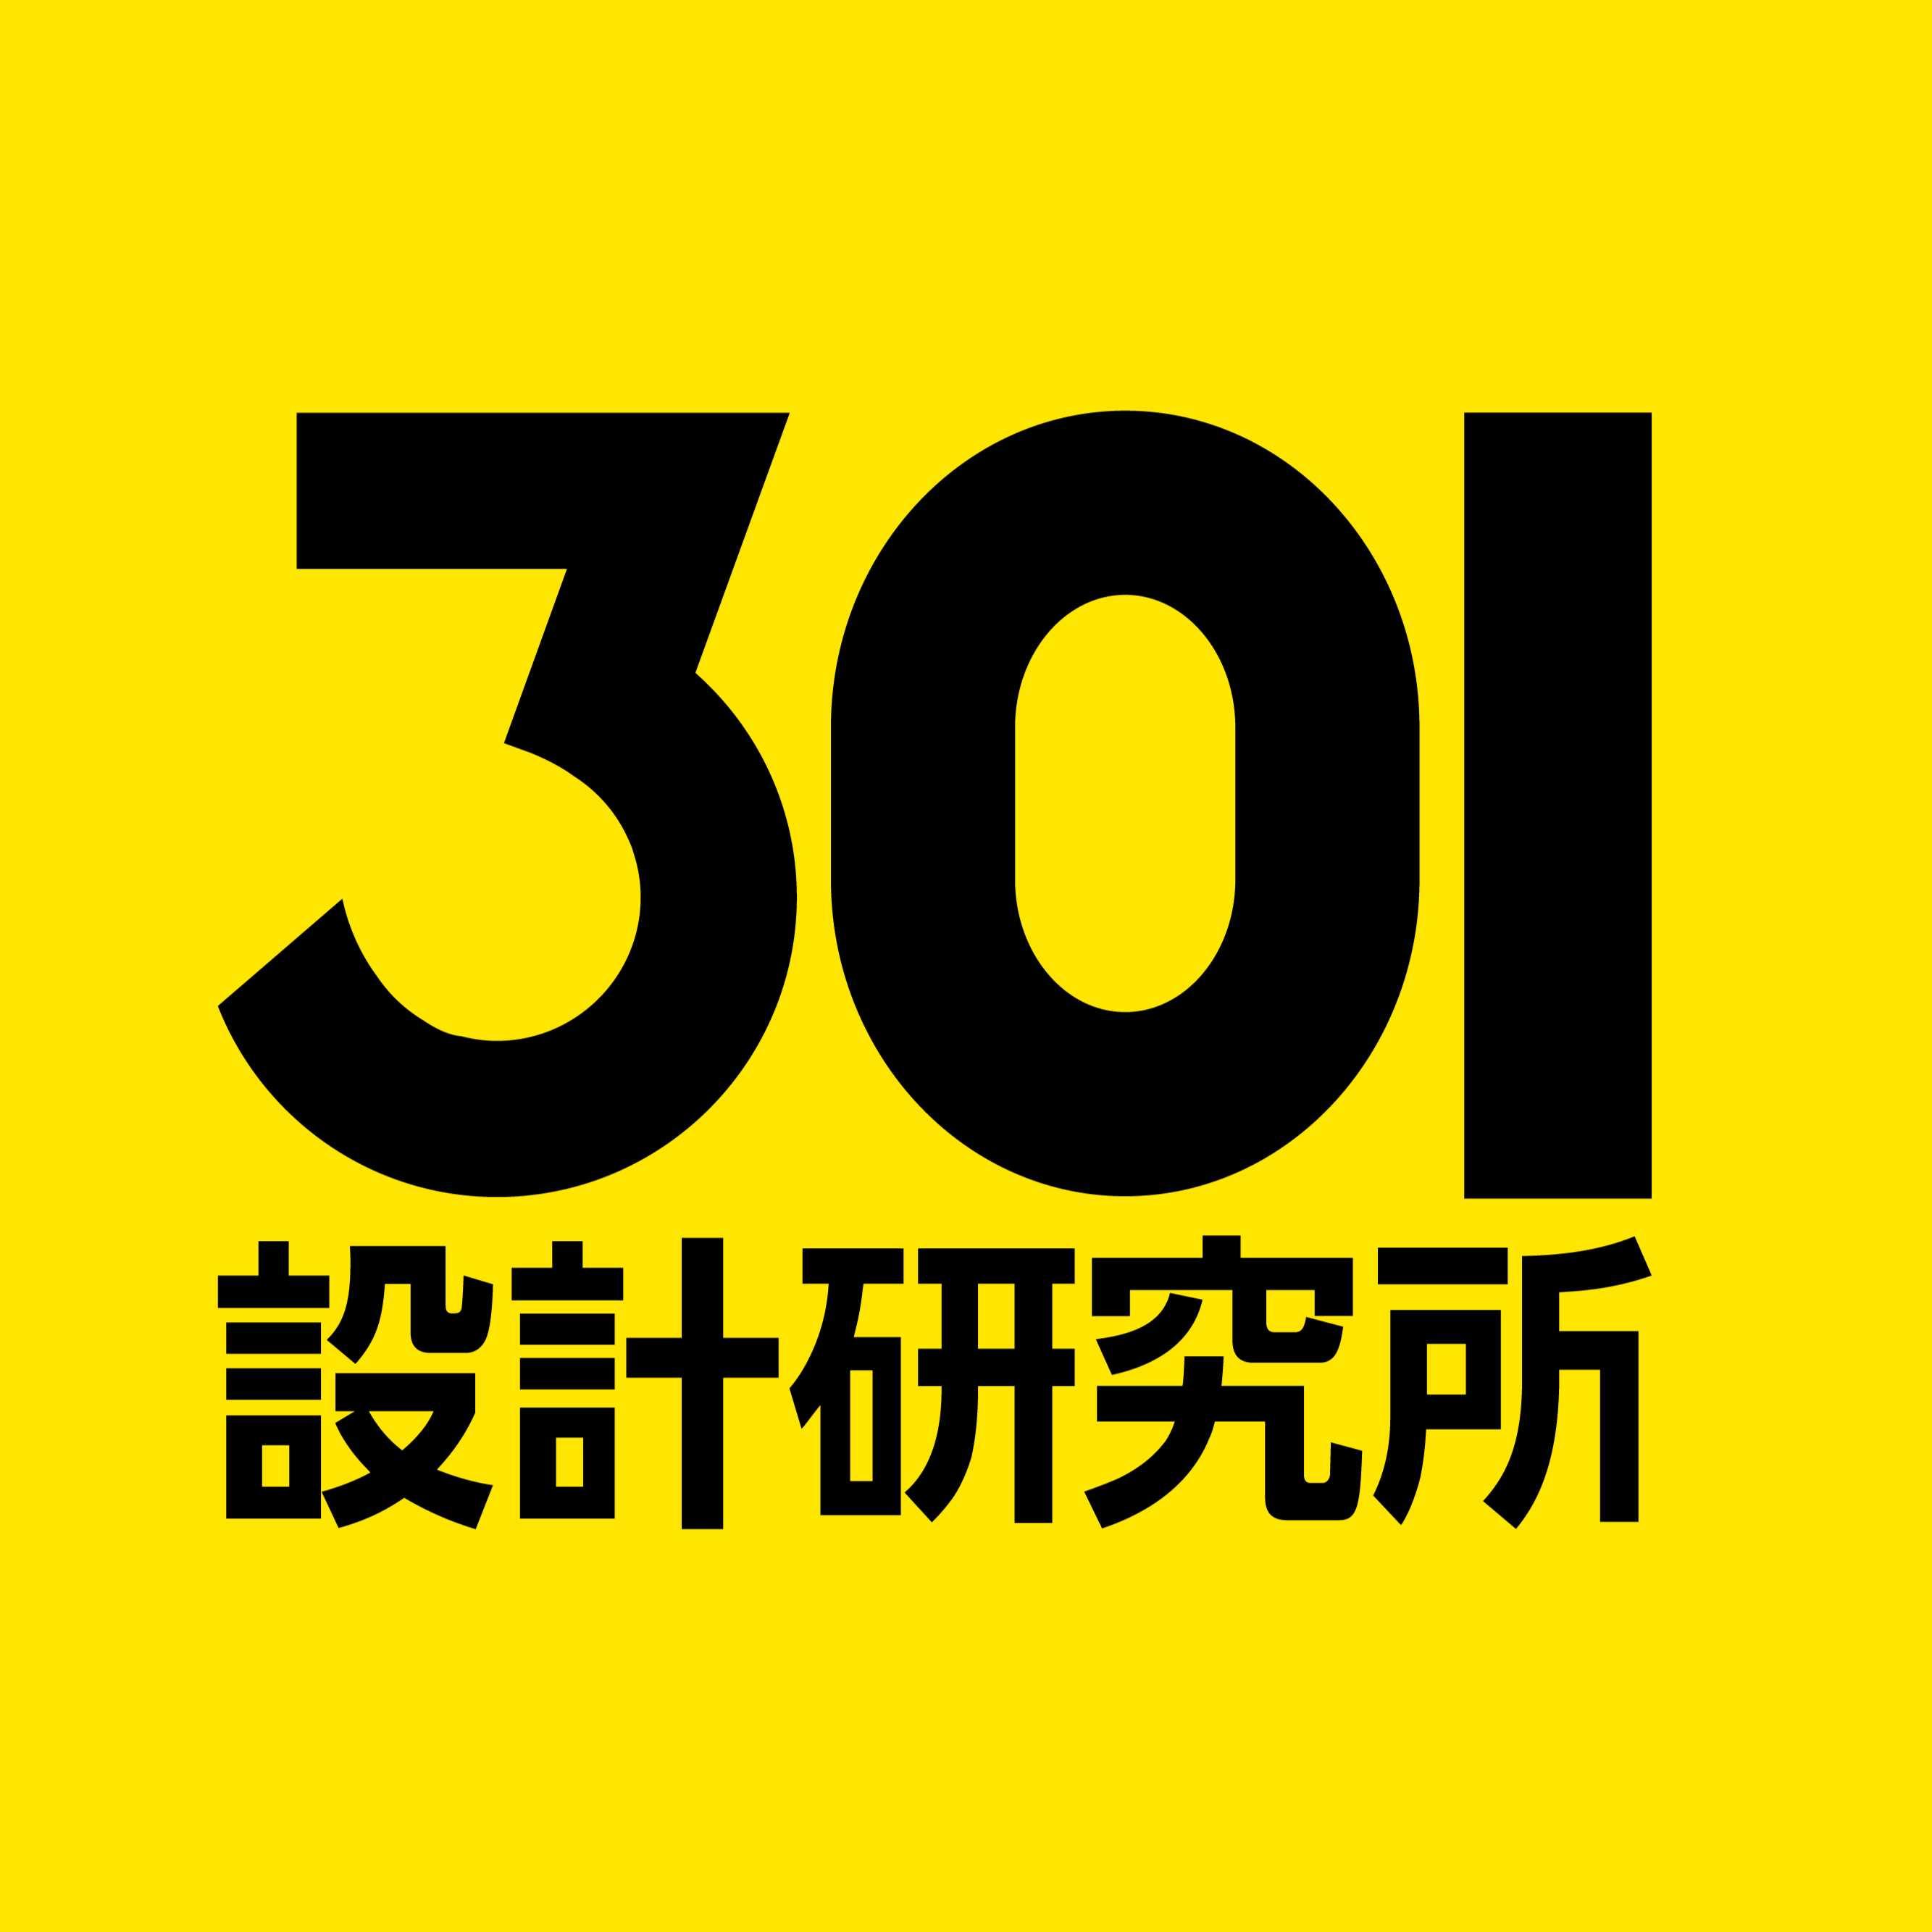 301设计研究